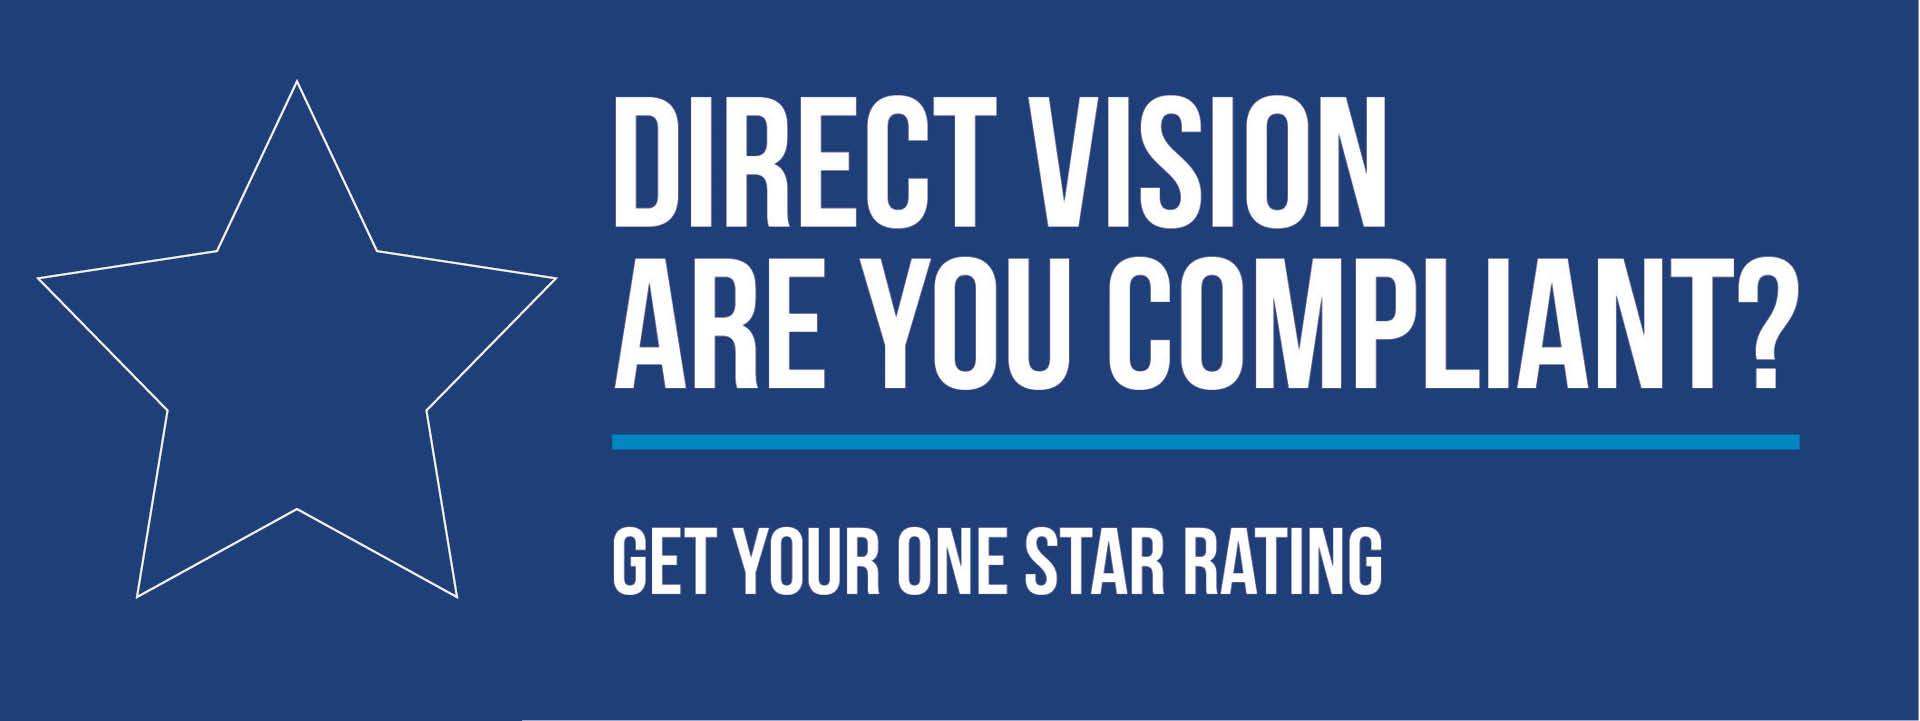 Direct Vision standard V2